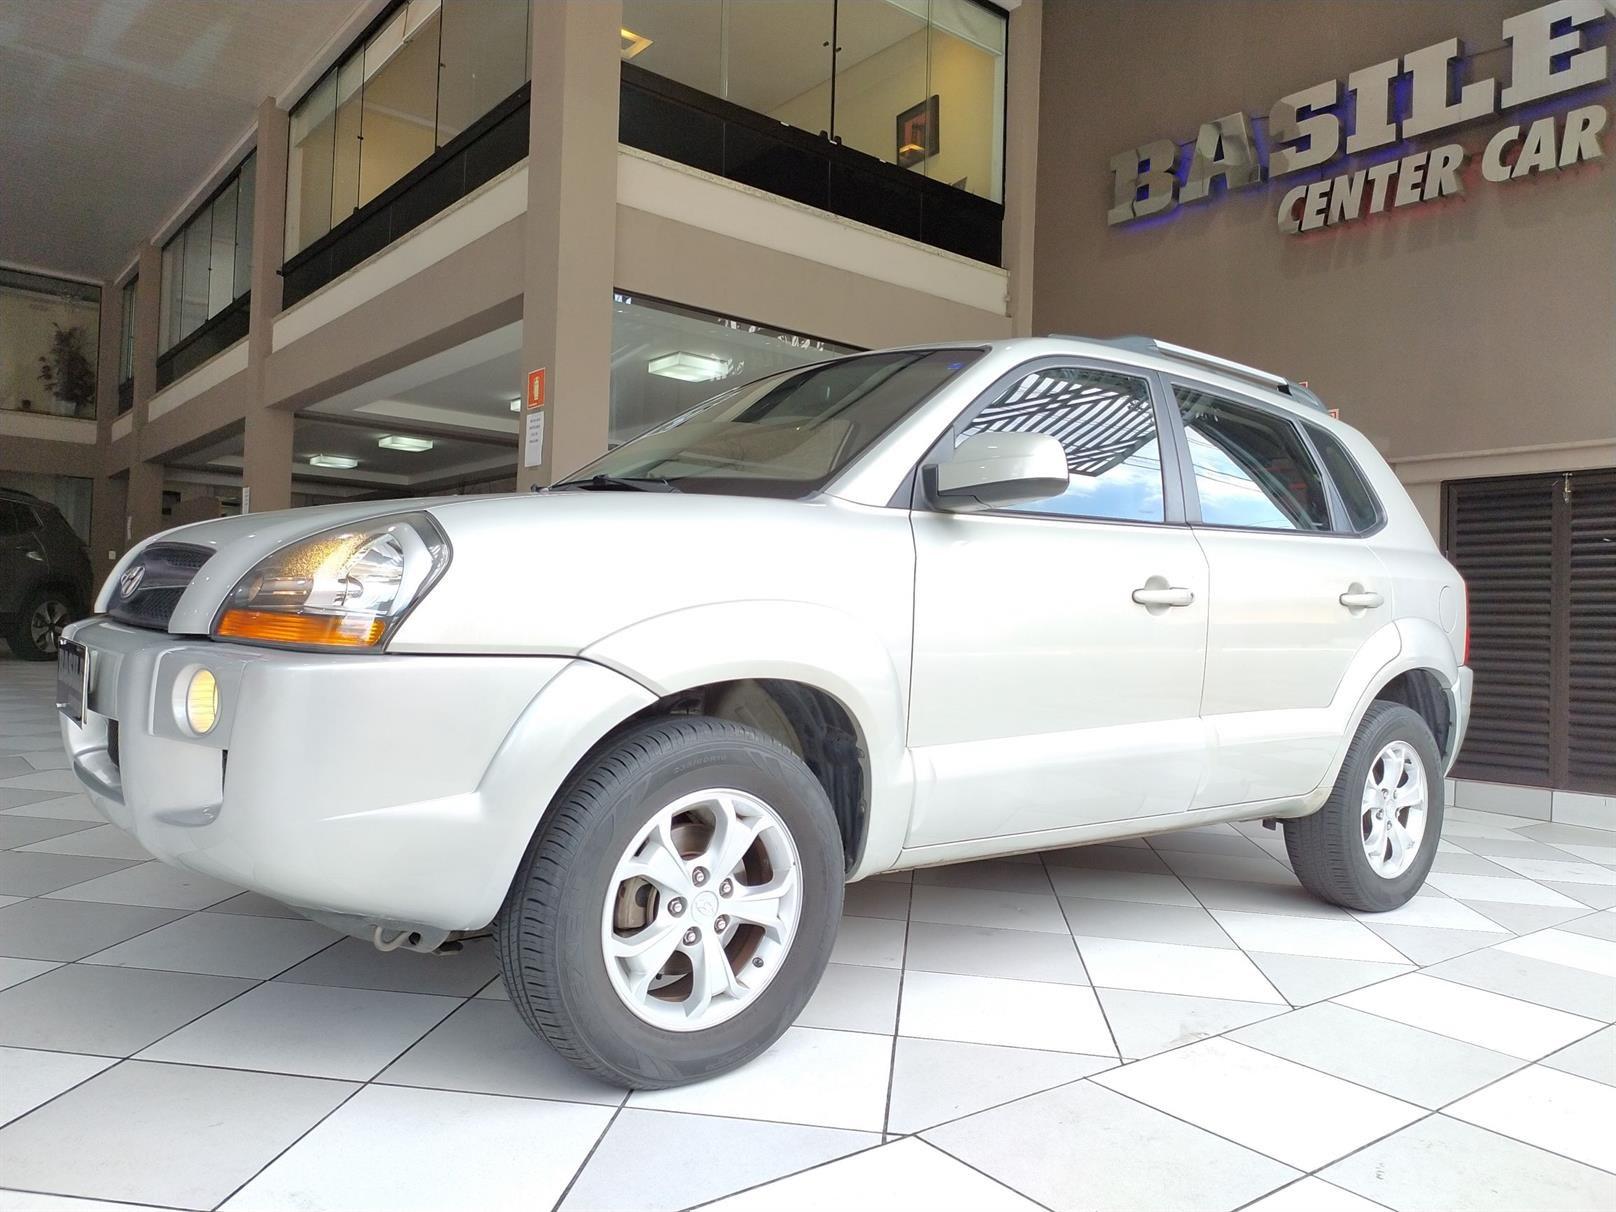 //www.autoline.com.br/carro/hyundai/tucson-20-gls-16v-flex-4p-automatico/2014/sao-paulo-sp/13575163